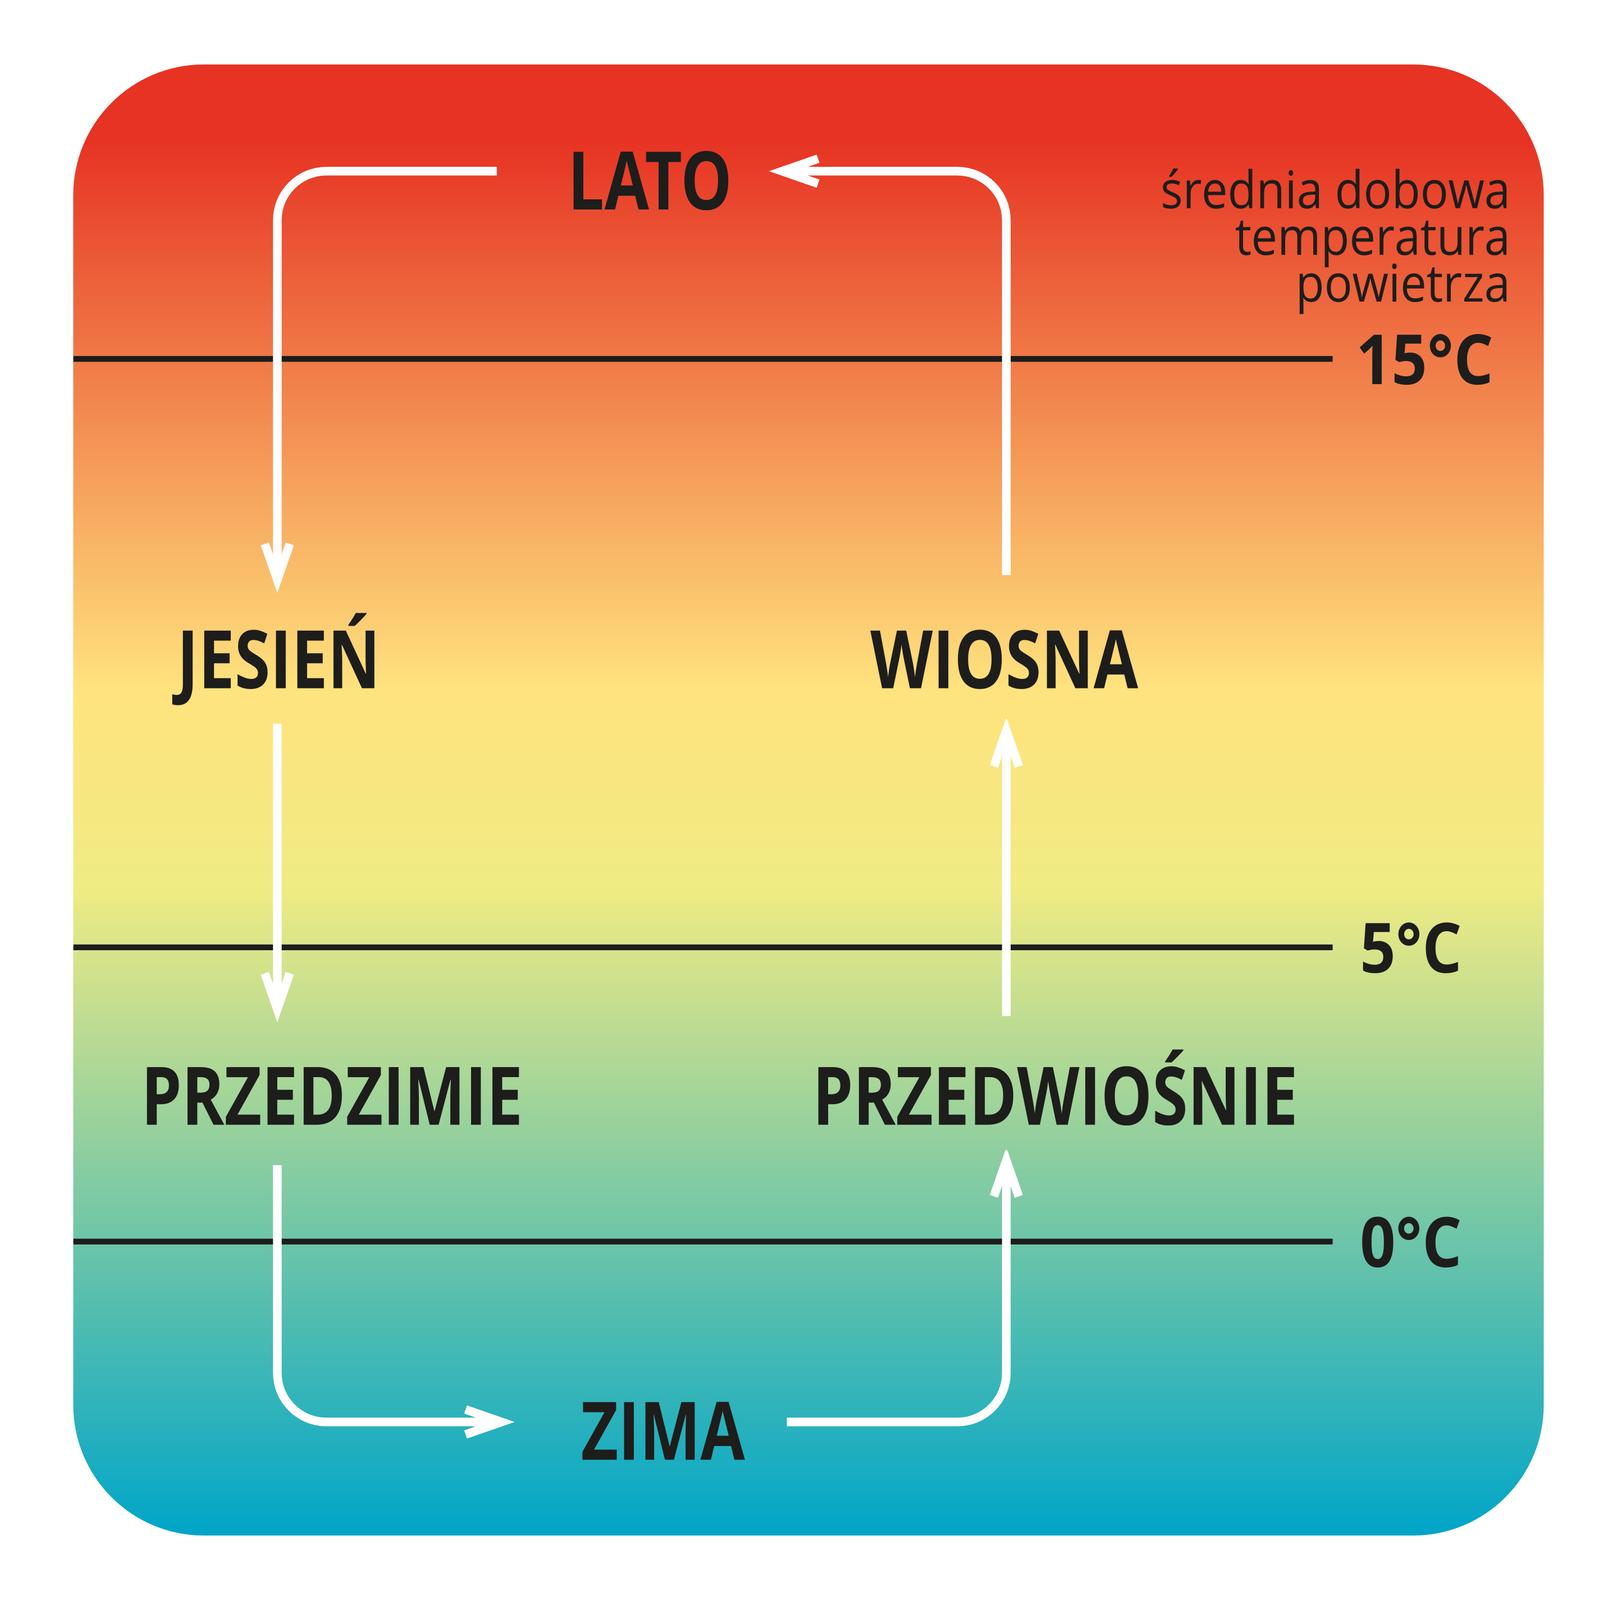 Na ilustracji schemat pór roku lato, jesień, przedzimie, zima, przedwiośnie, wiosna. Oznaczona średnia dobowa temperatura powietrza dla poszczególnych pór roku.